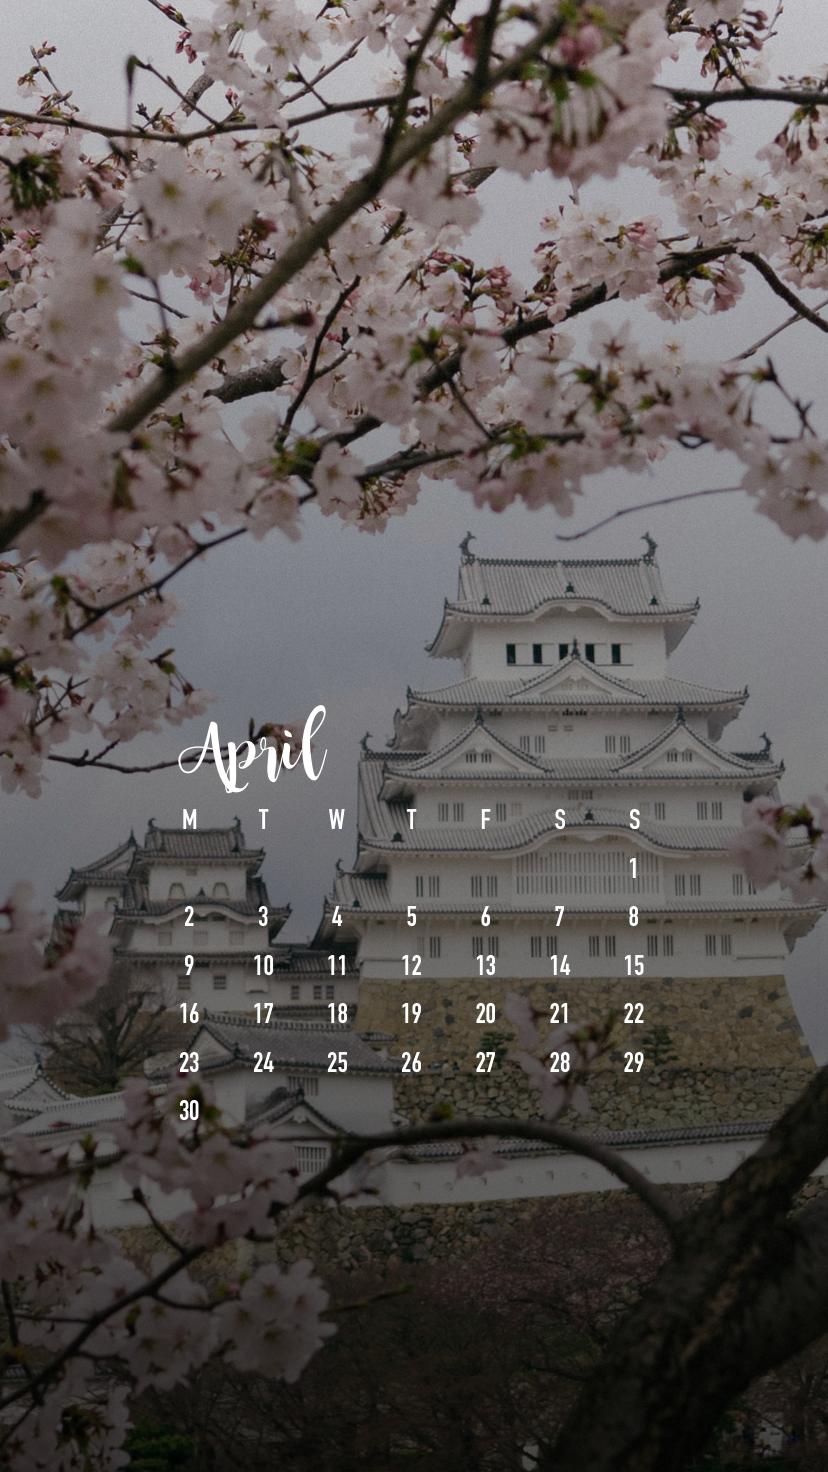 April 2018 Smartphone Wallpaper Calendar Download 828x1472